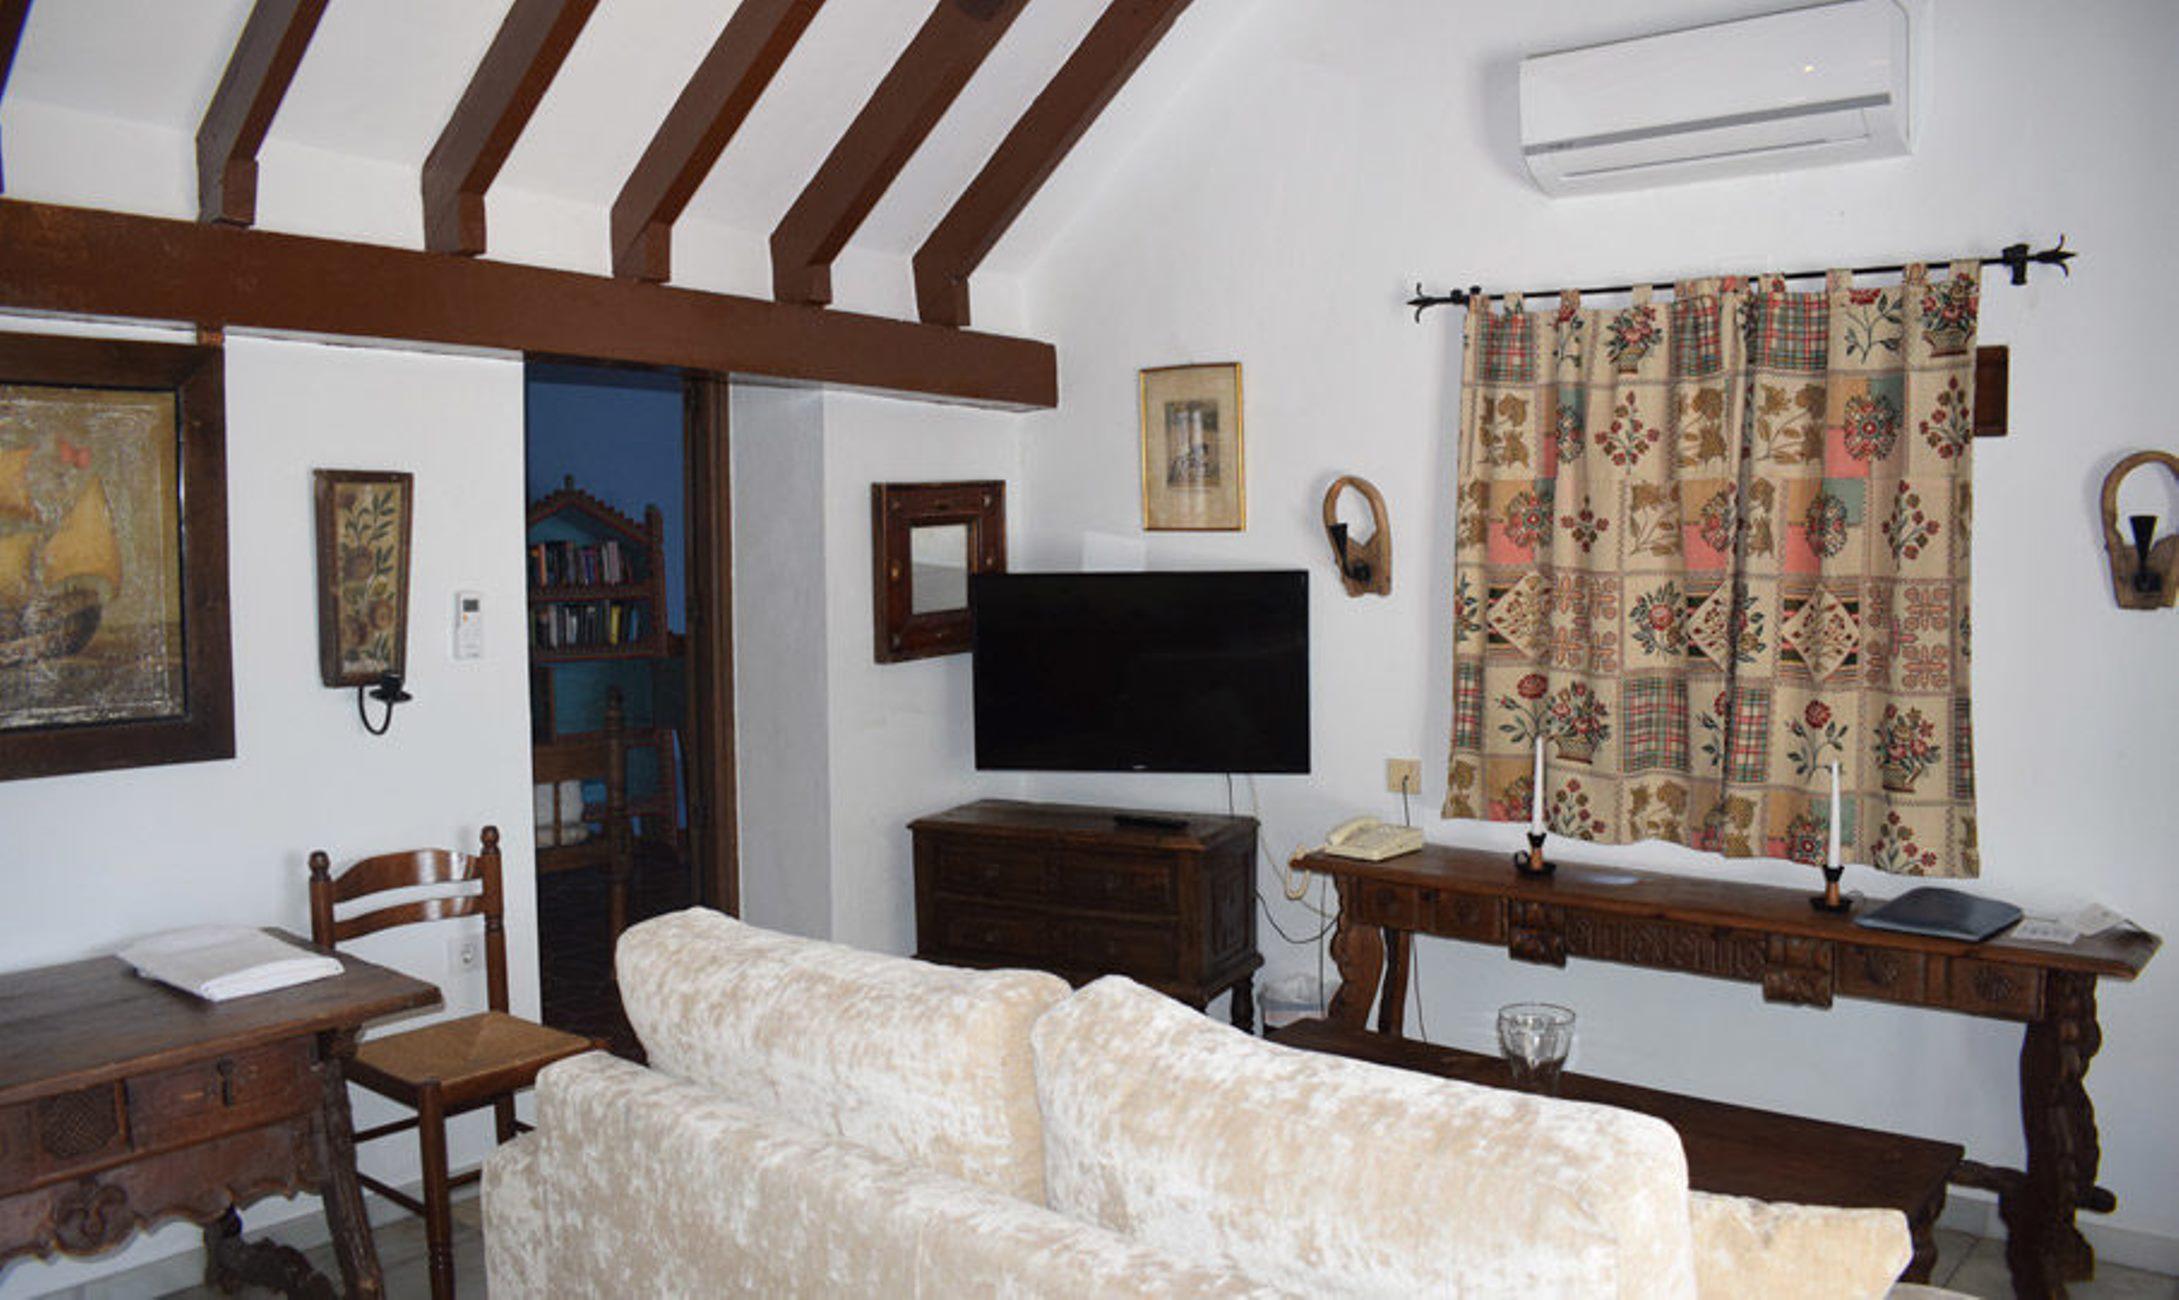 Tenemos los mejores alojamientos para ti, en el centro de la ciudad y frente a la playa. Alquiler de apartamentos en Conil , Cádiz - Alquiler de ...